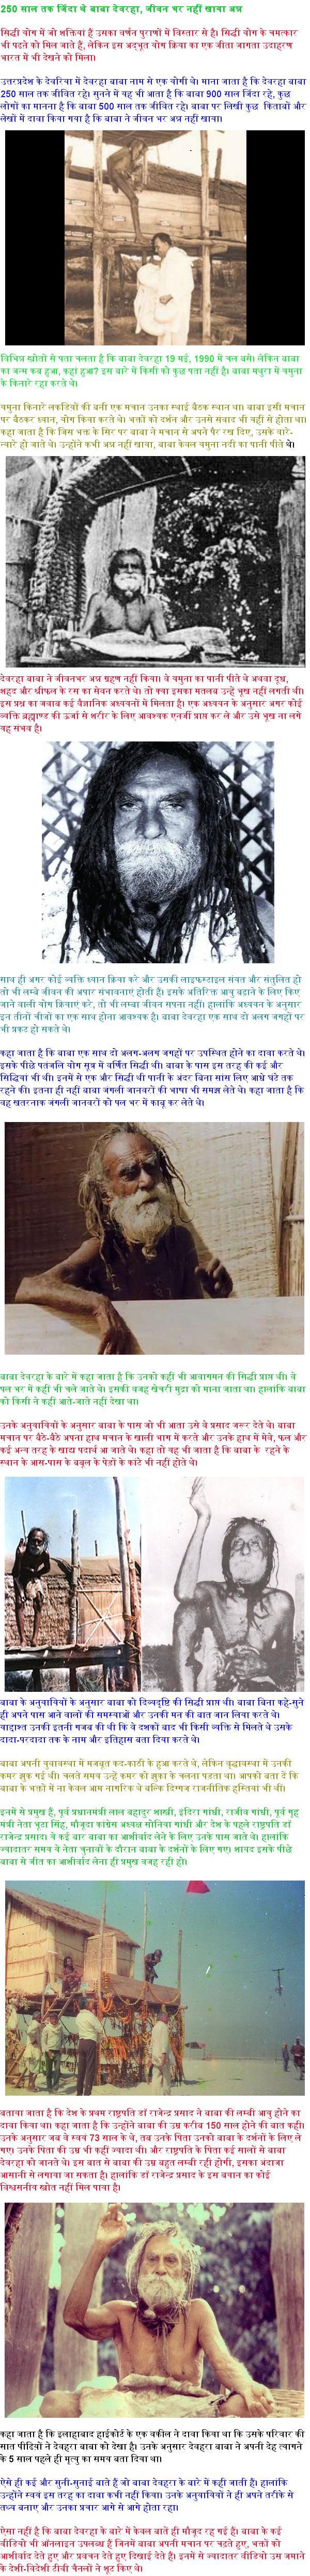 Hindi News JS1MP